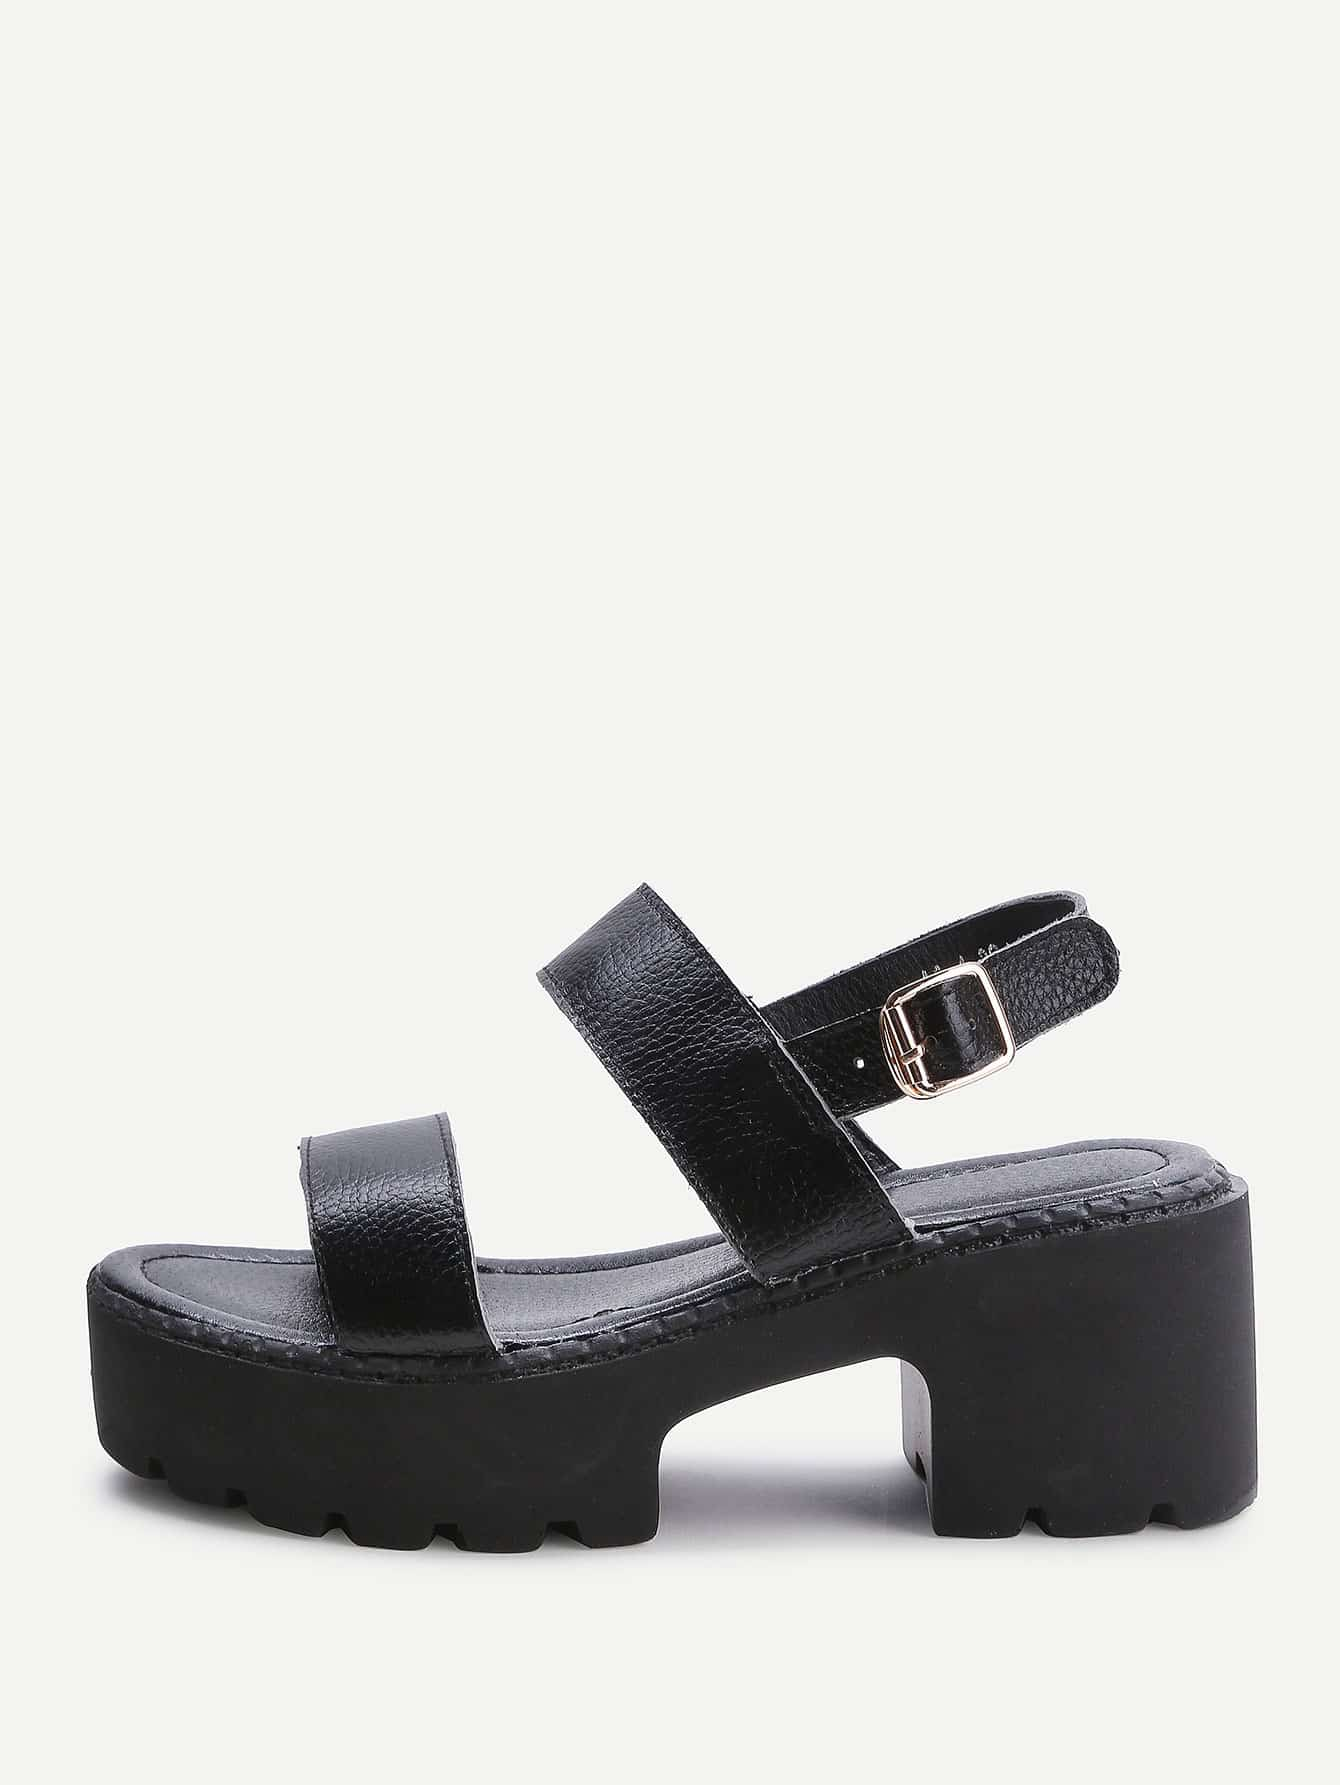 Фото Black Strappy Platform PU Sandals. Купить с доставкой